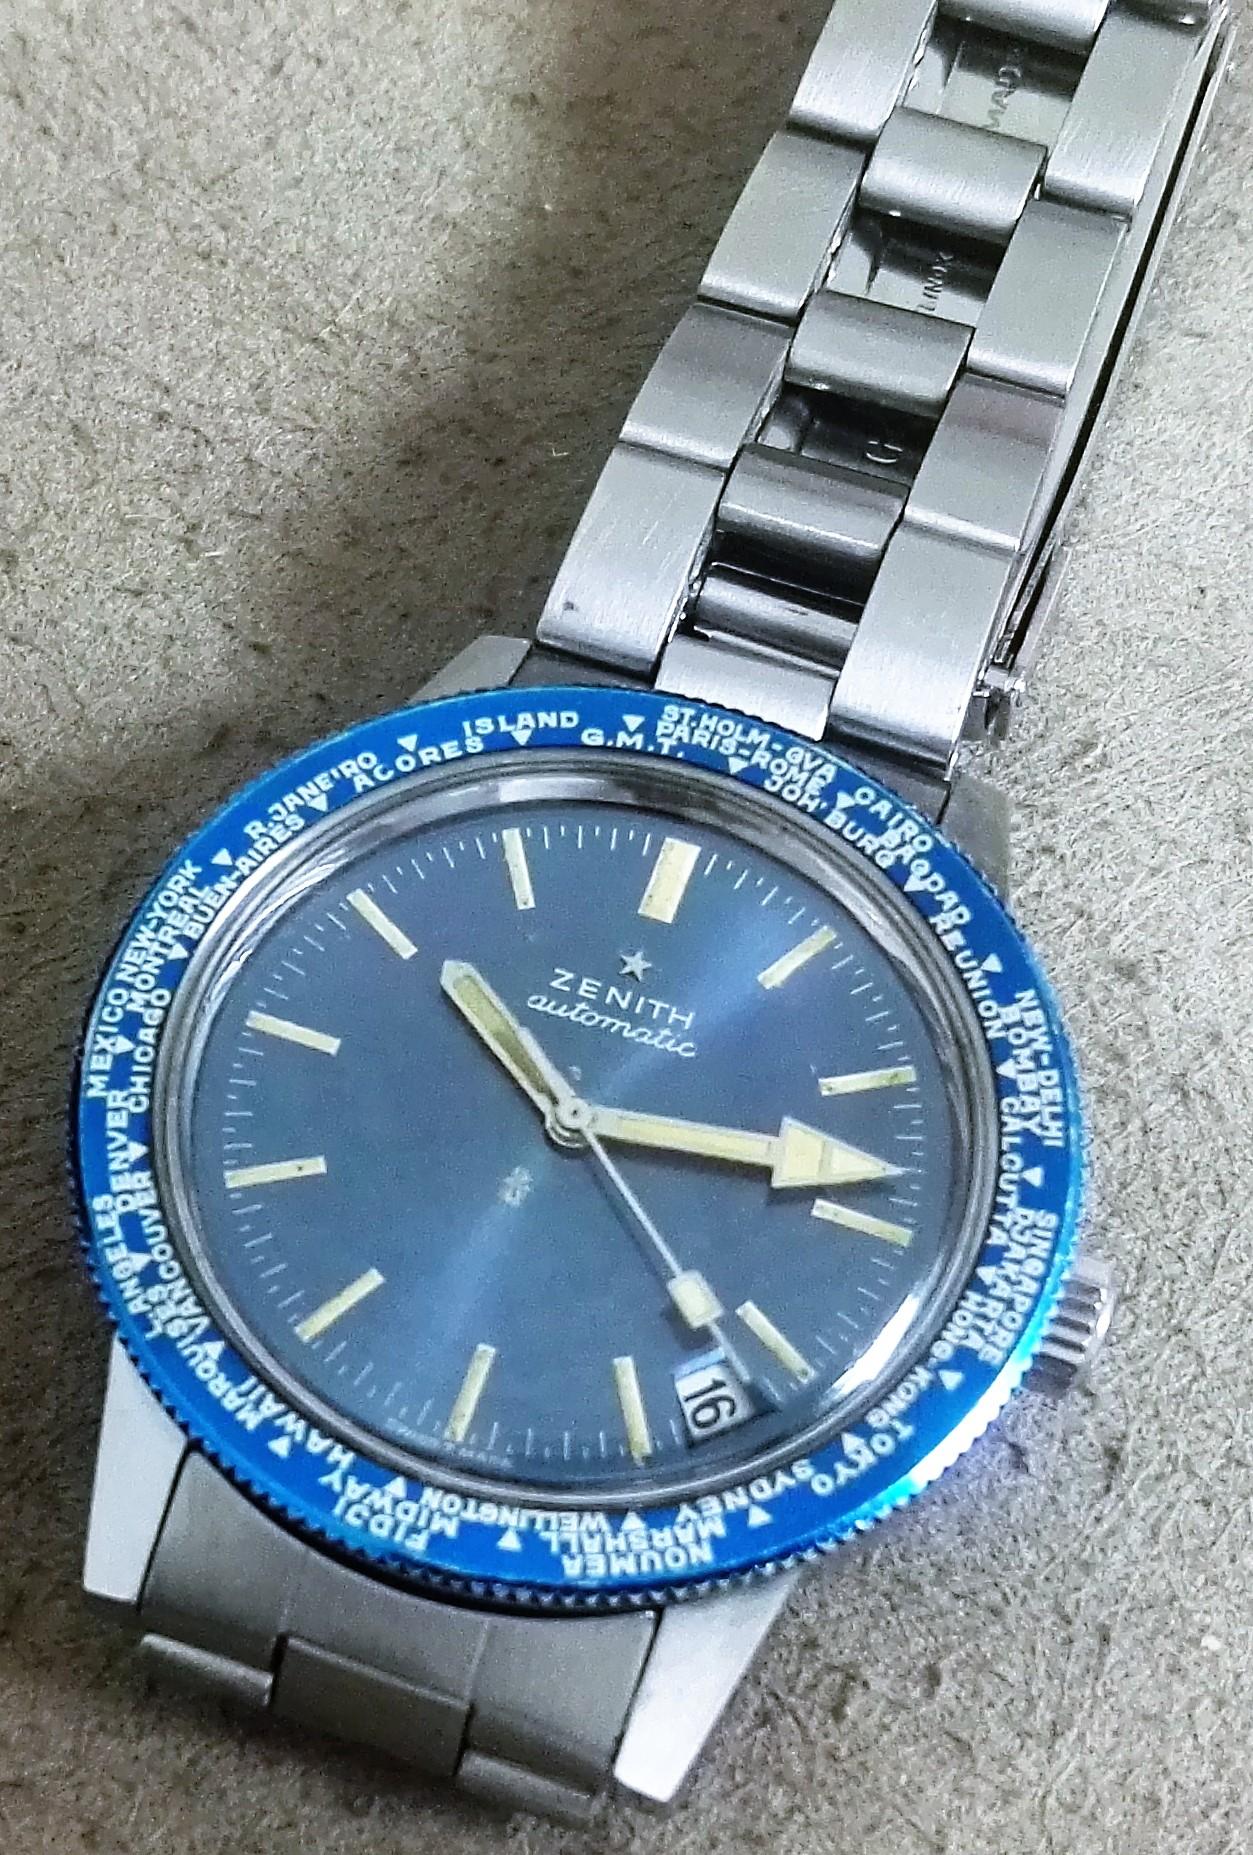 Zenith A3634 Vintage Diver World Timer band Gay Freres no polished | San Giorgio a Cremano